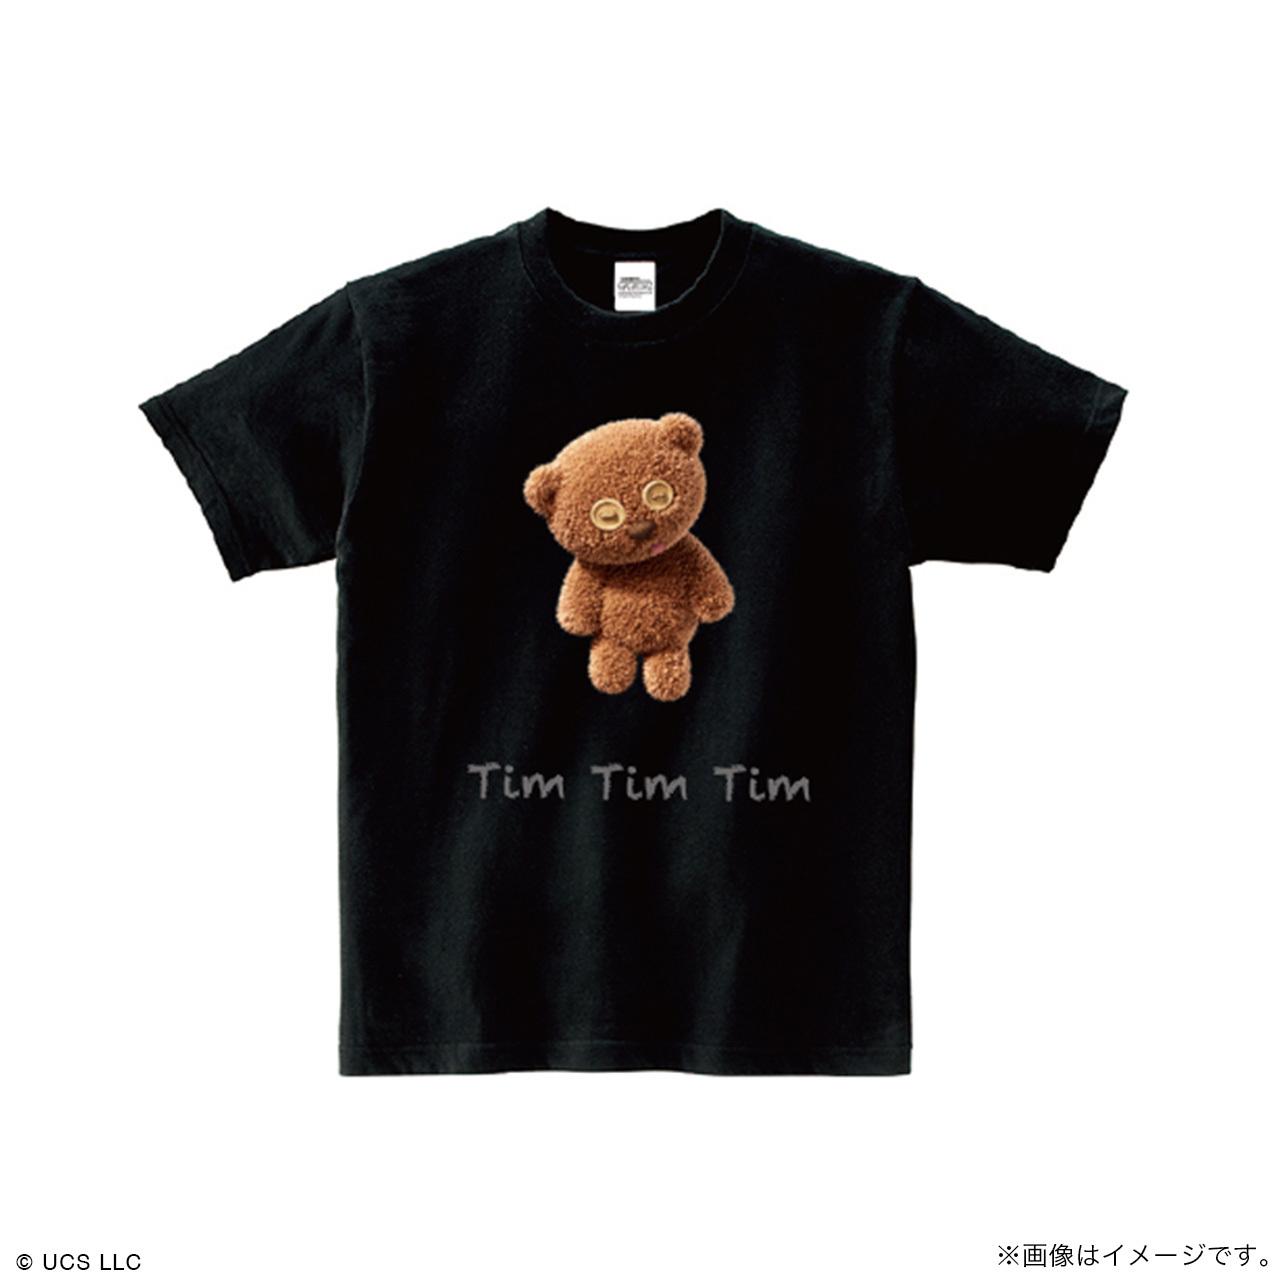 キッズTシャツ/ミニオン(Tim ブラック)【MINIONS POP UP STORE 限定】